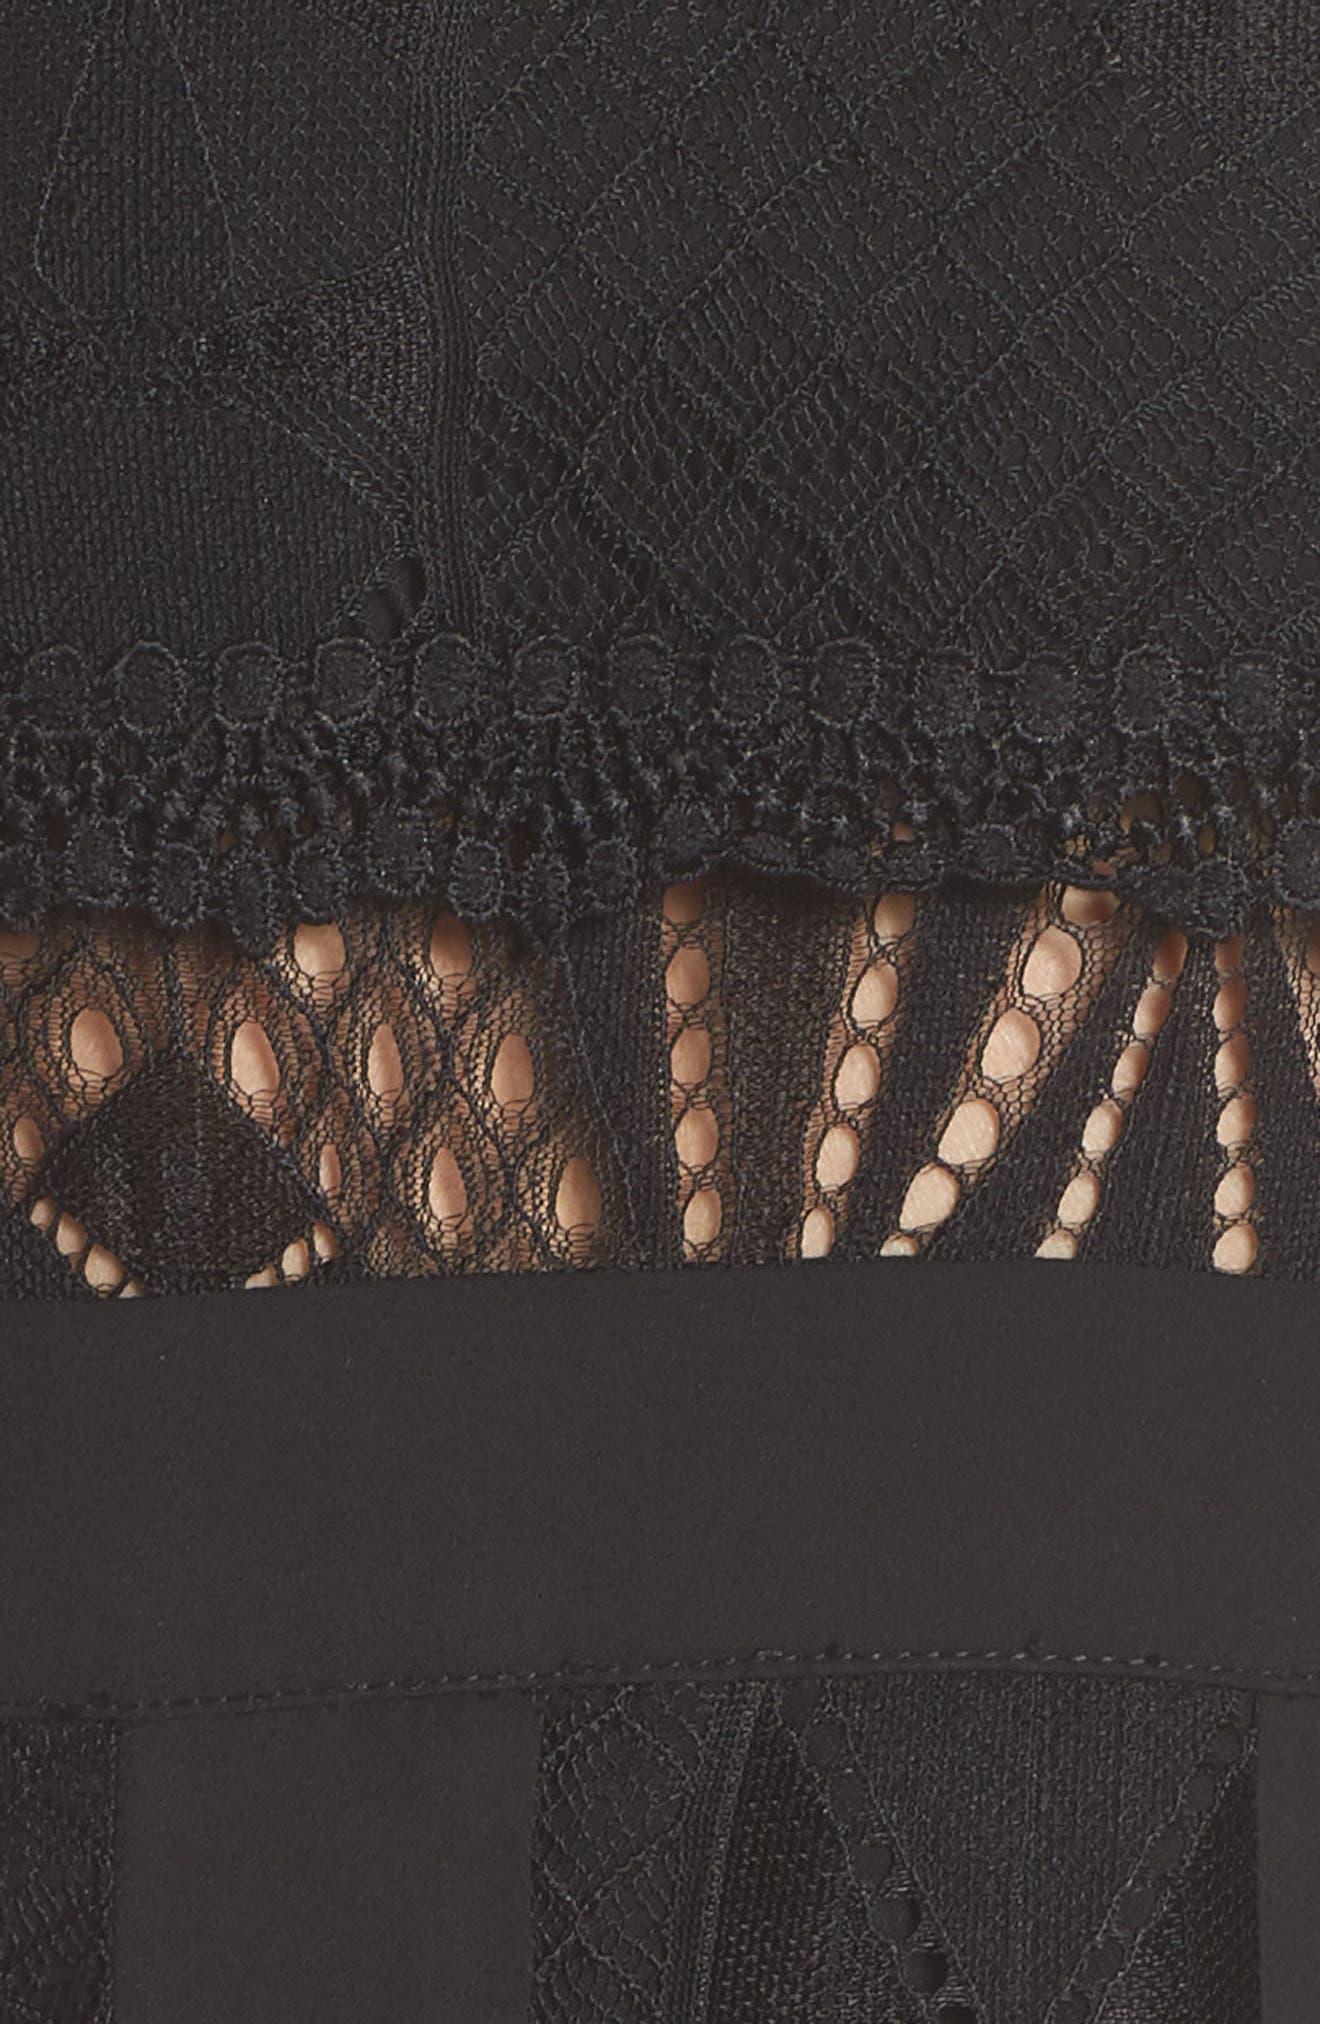 Juliet One-Shoulder Lace Gown,                             Alternate thumbnail 5, color,                             Black/ Black